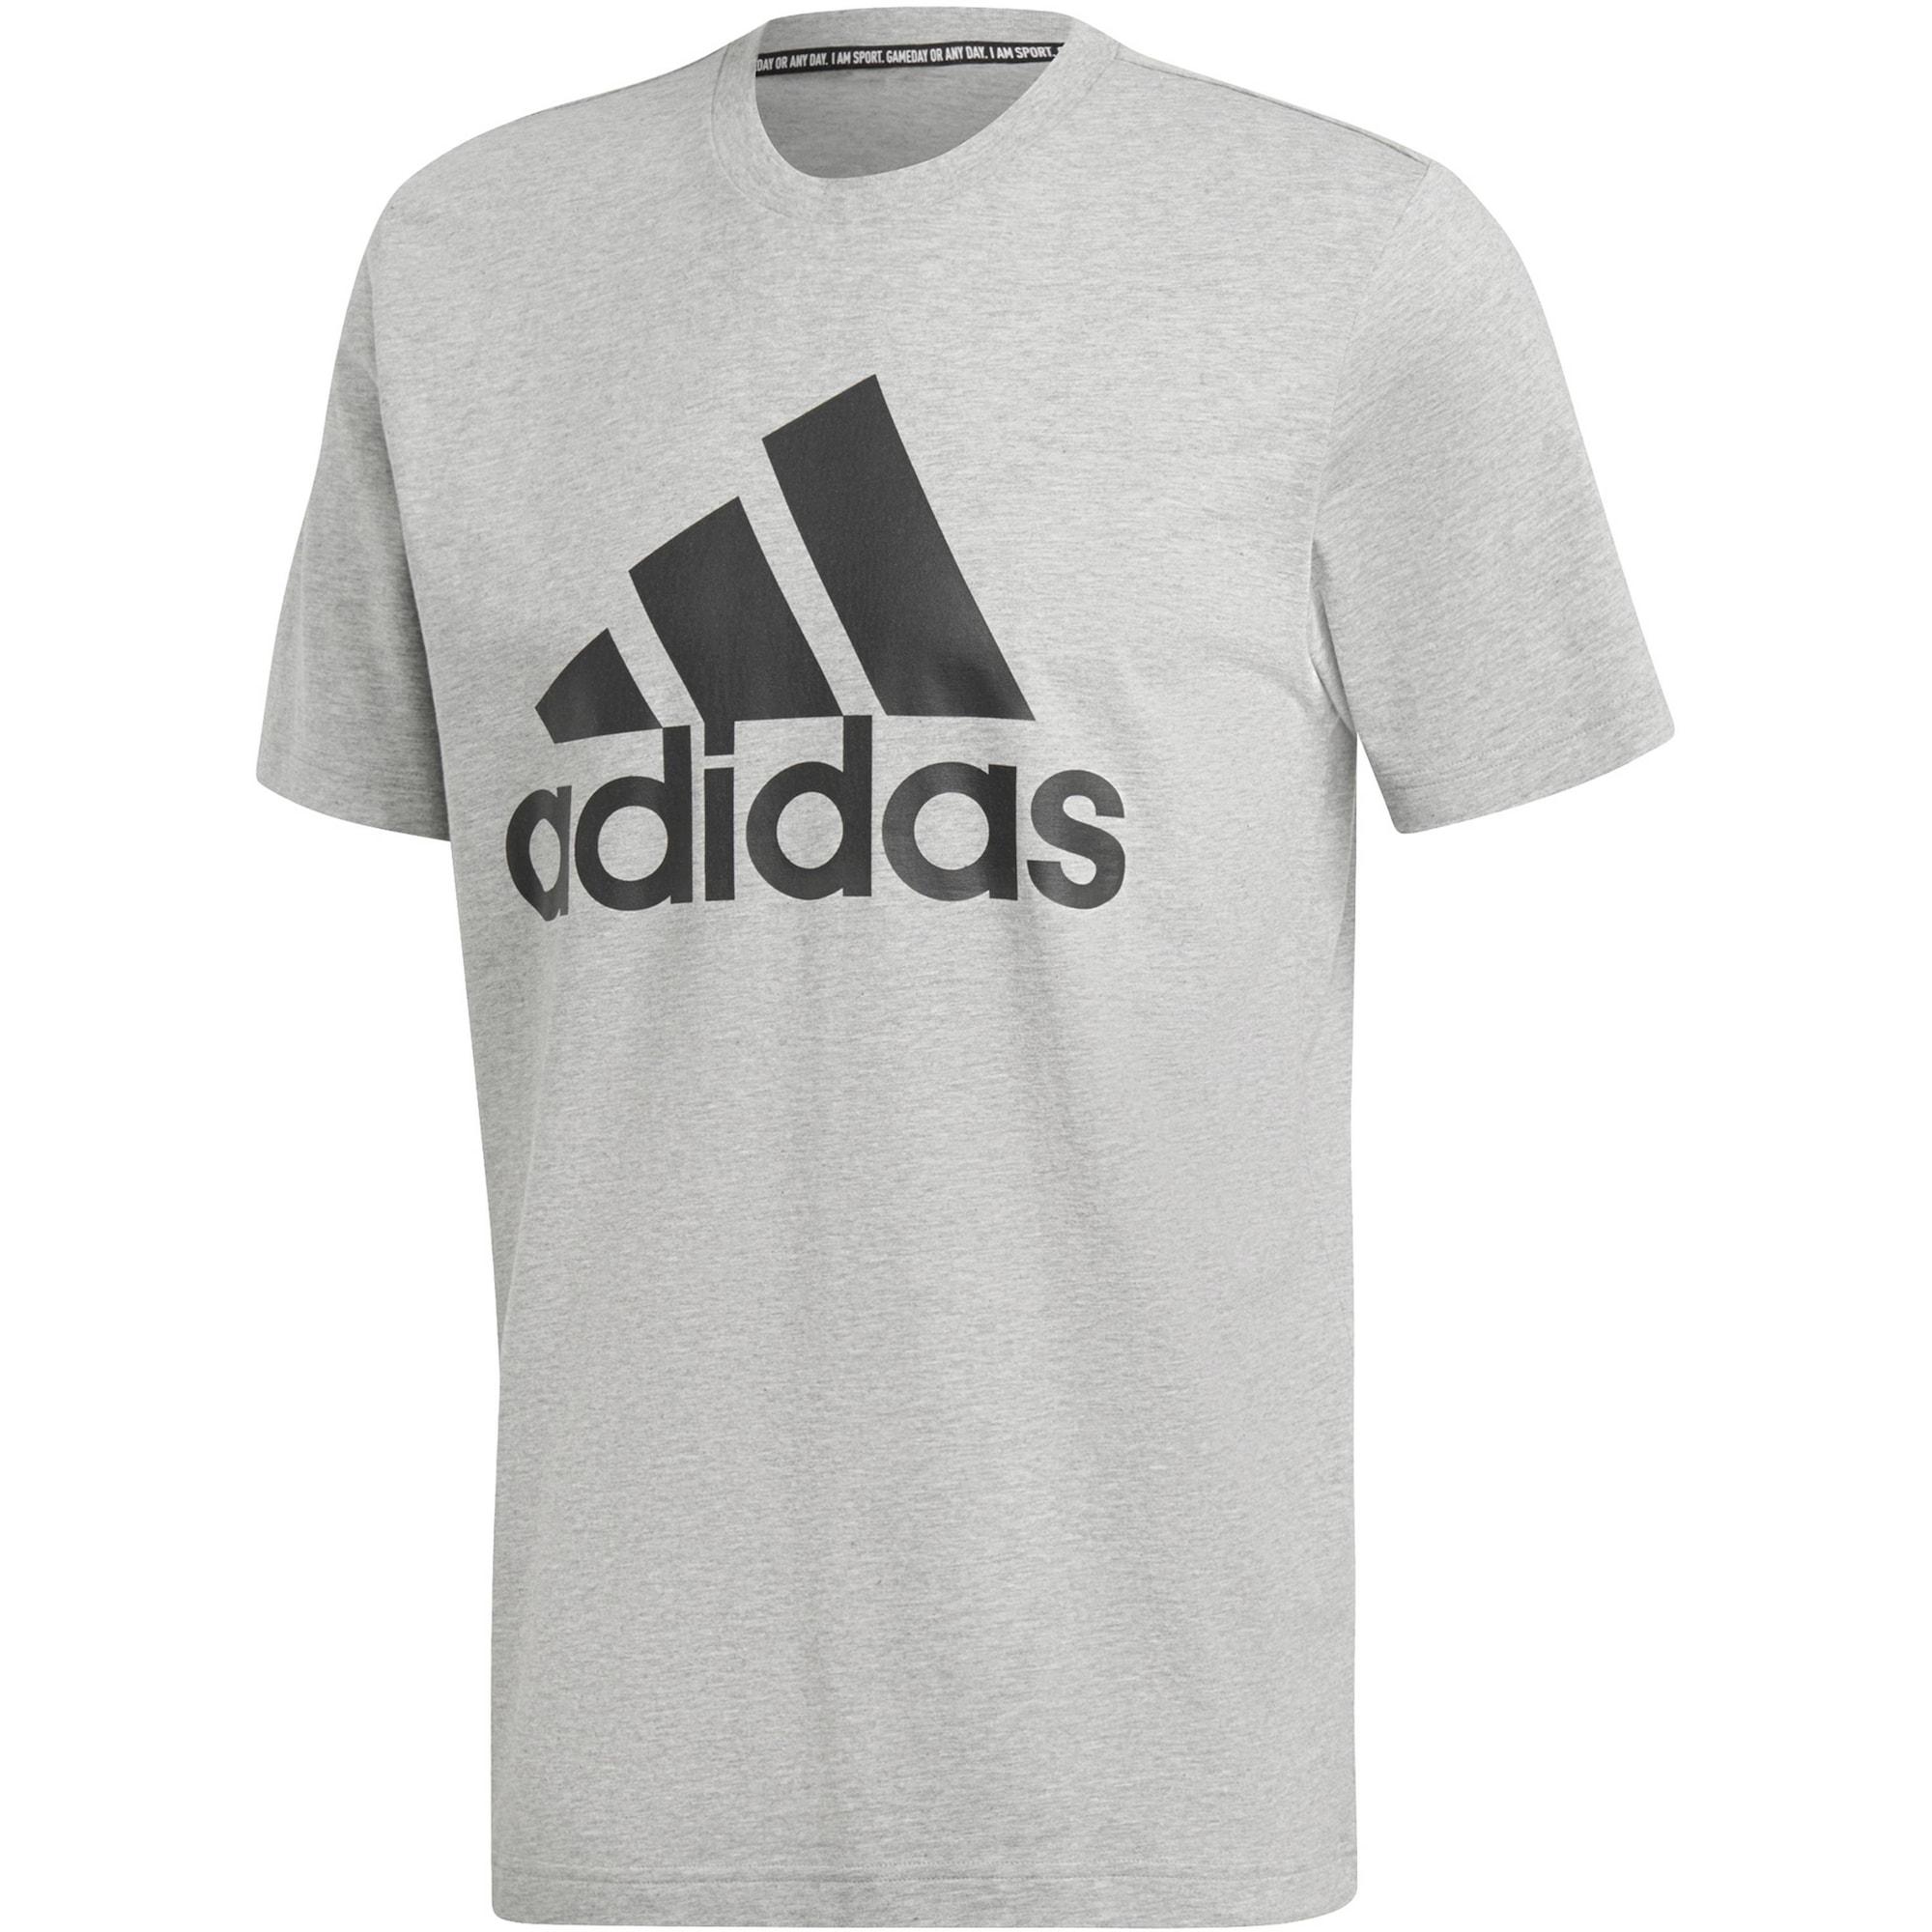 ADIDAS PERFORMANCE Sportiniai marškinėliai 'MH Bos' juoda / margai pilka